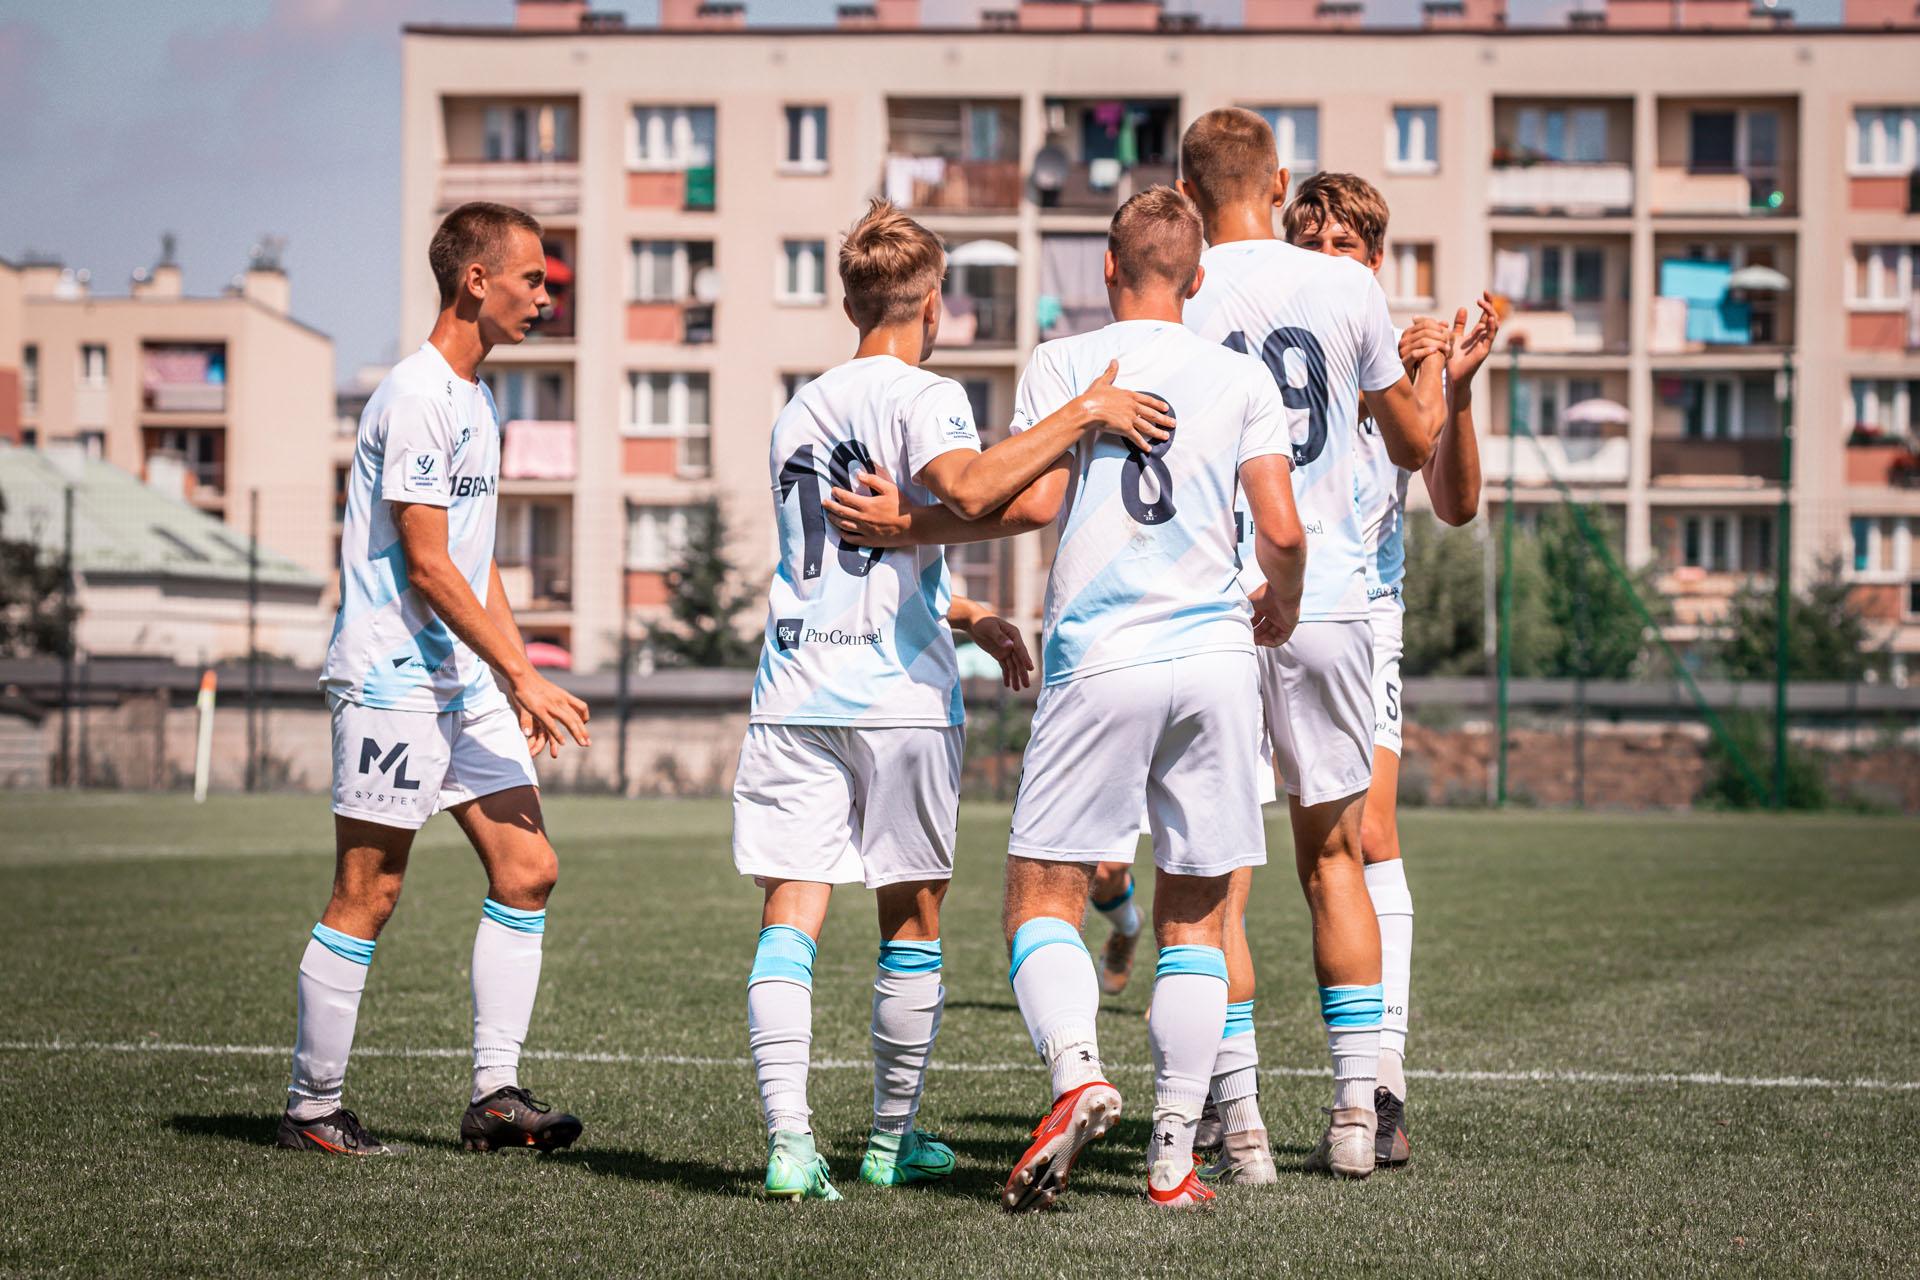 U18 - Stal Rzeszów - Jagielonia Białystok, 2021-08-15, fot. K.Krupa